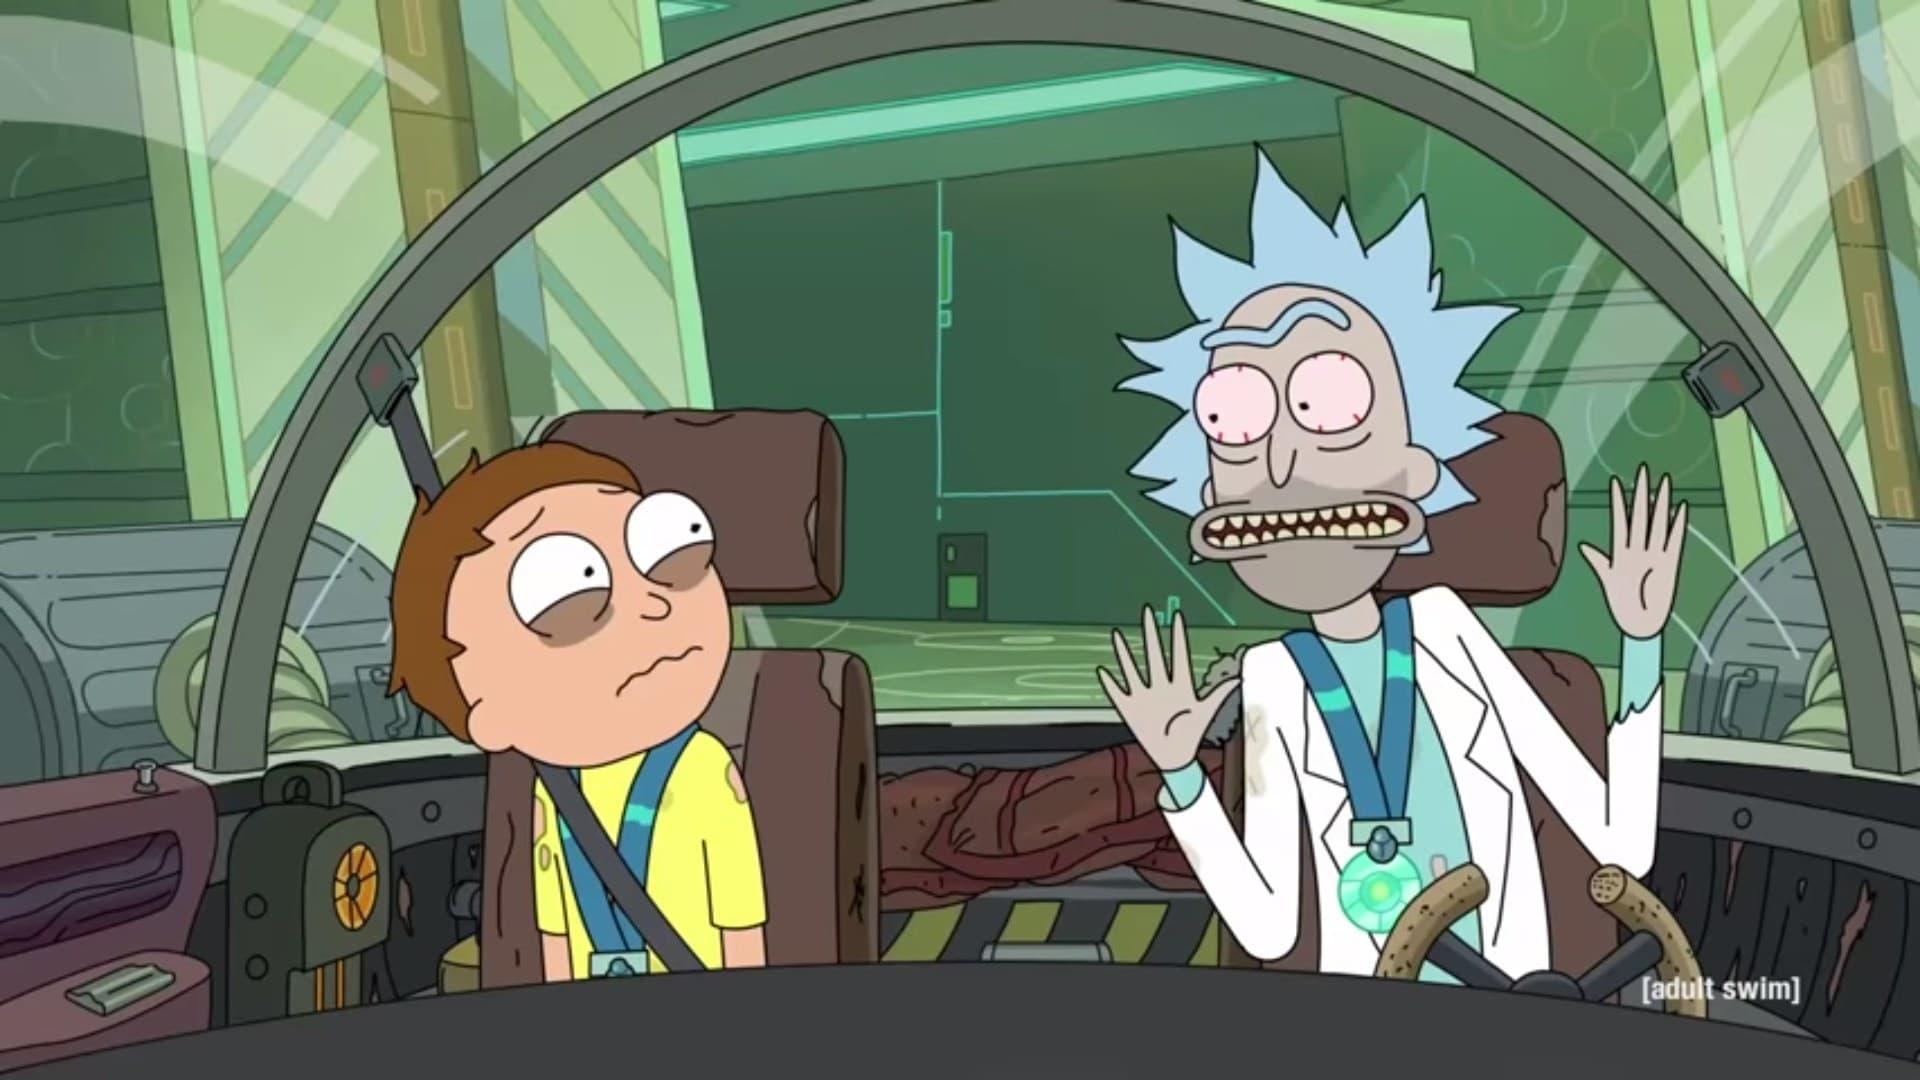 تا ۲۰۱۹ خبری از Rick and Morty نخواهد بود